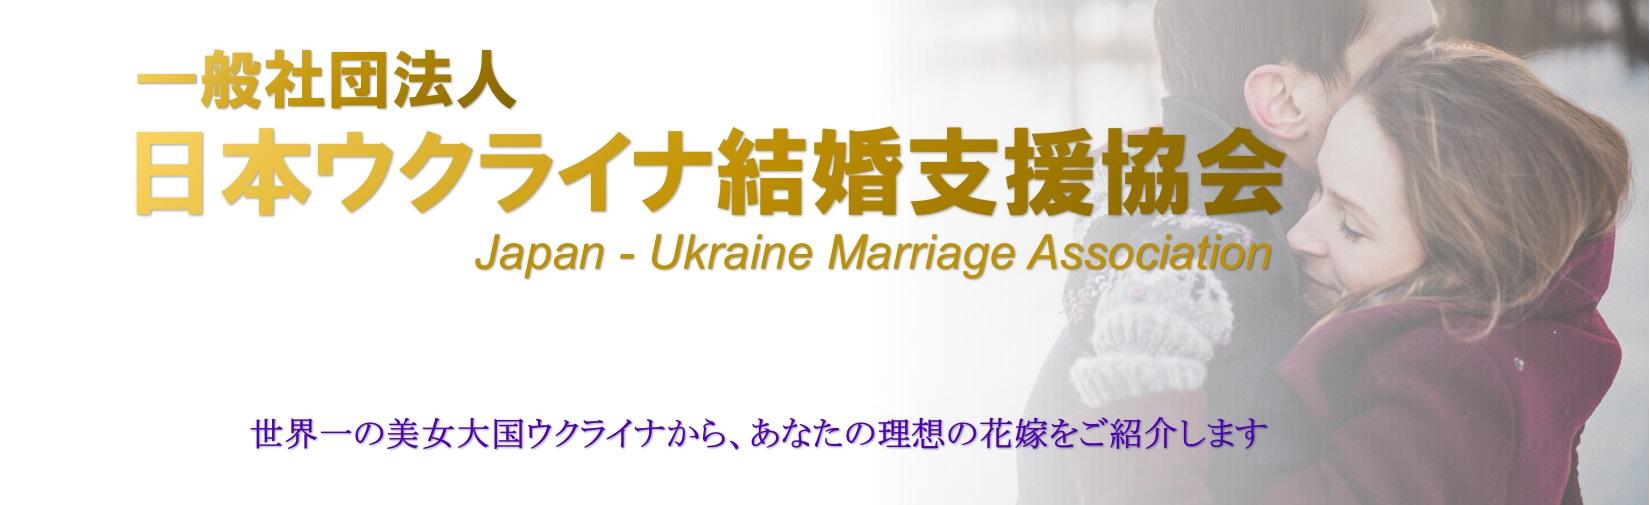 【国際結婚】 日本ウクライナ国際結婚支援協会 公式HP